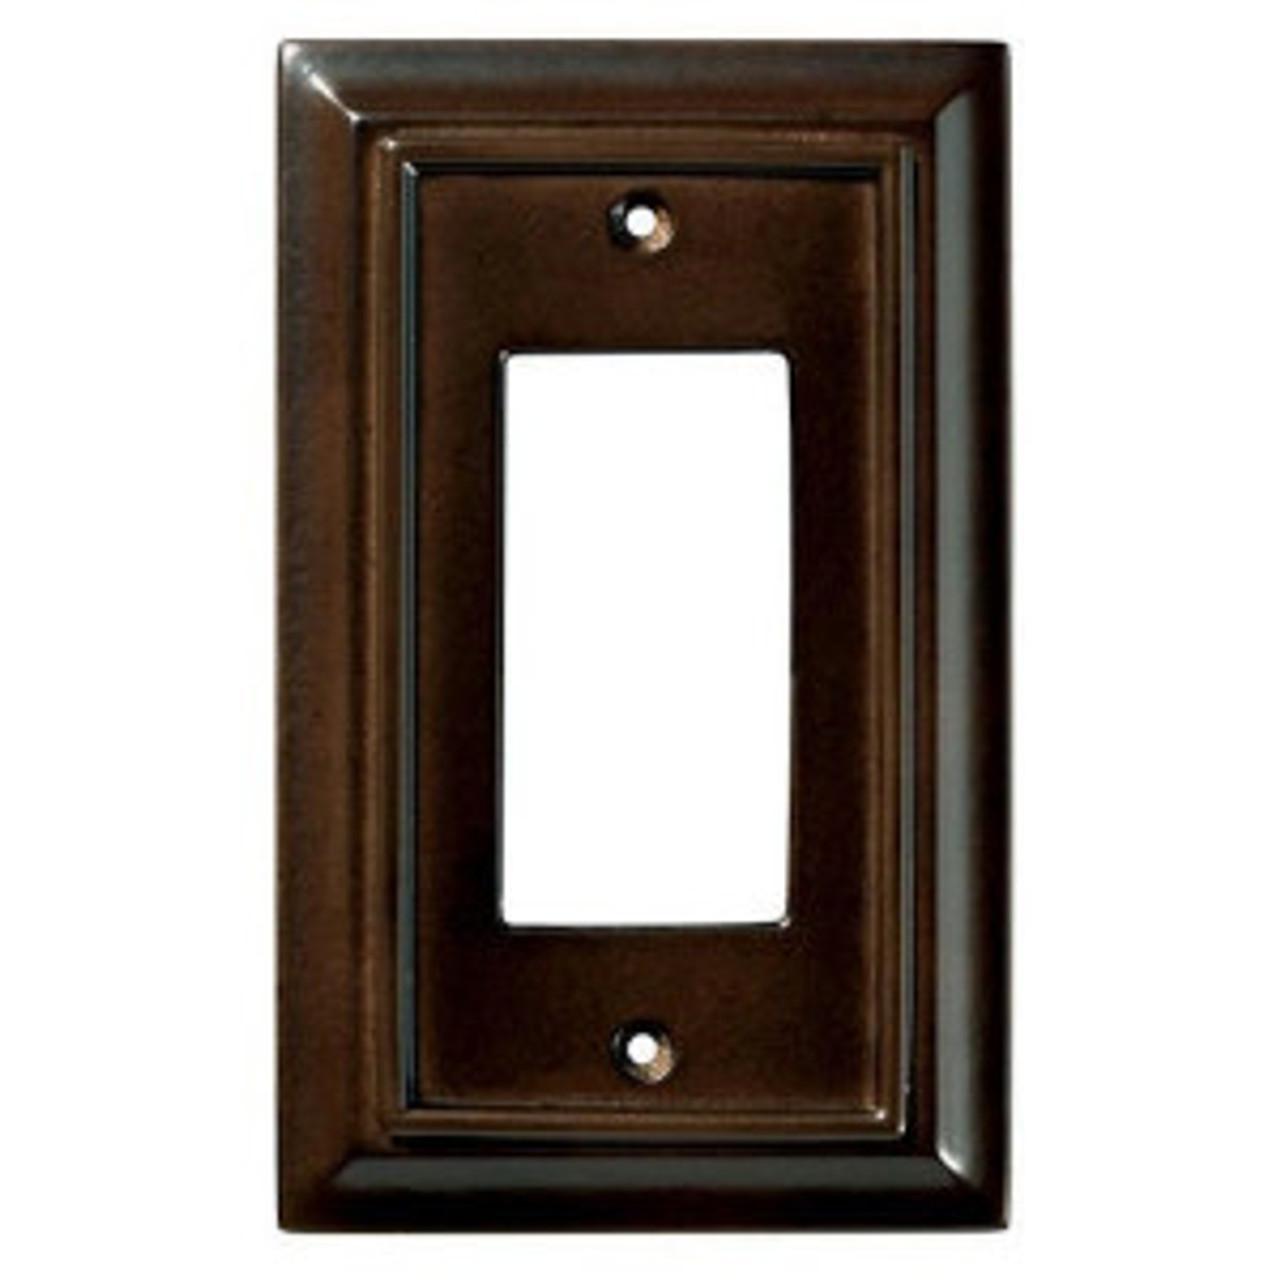 Brainerd W31559-ESO Espresso Wood Architect Single GFCI Cover Plate